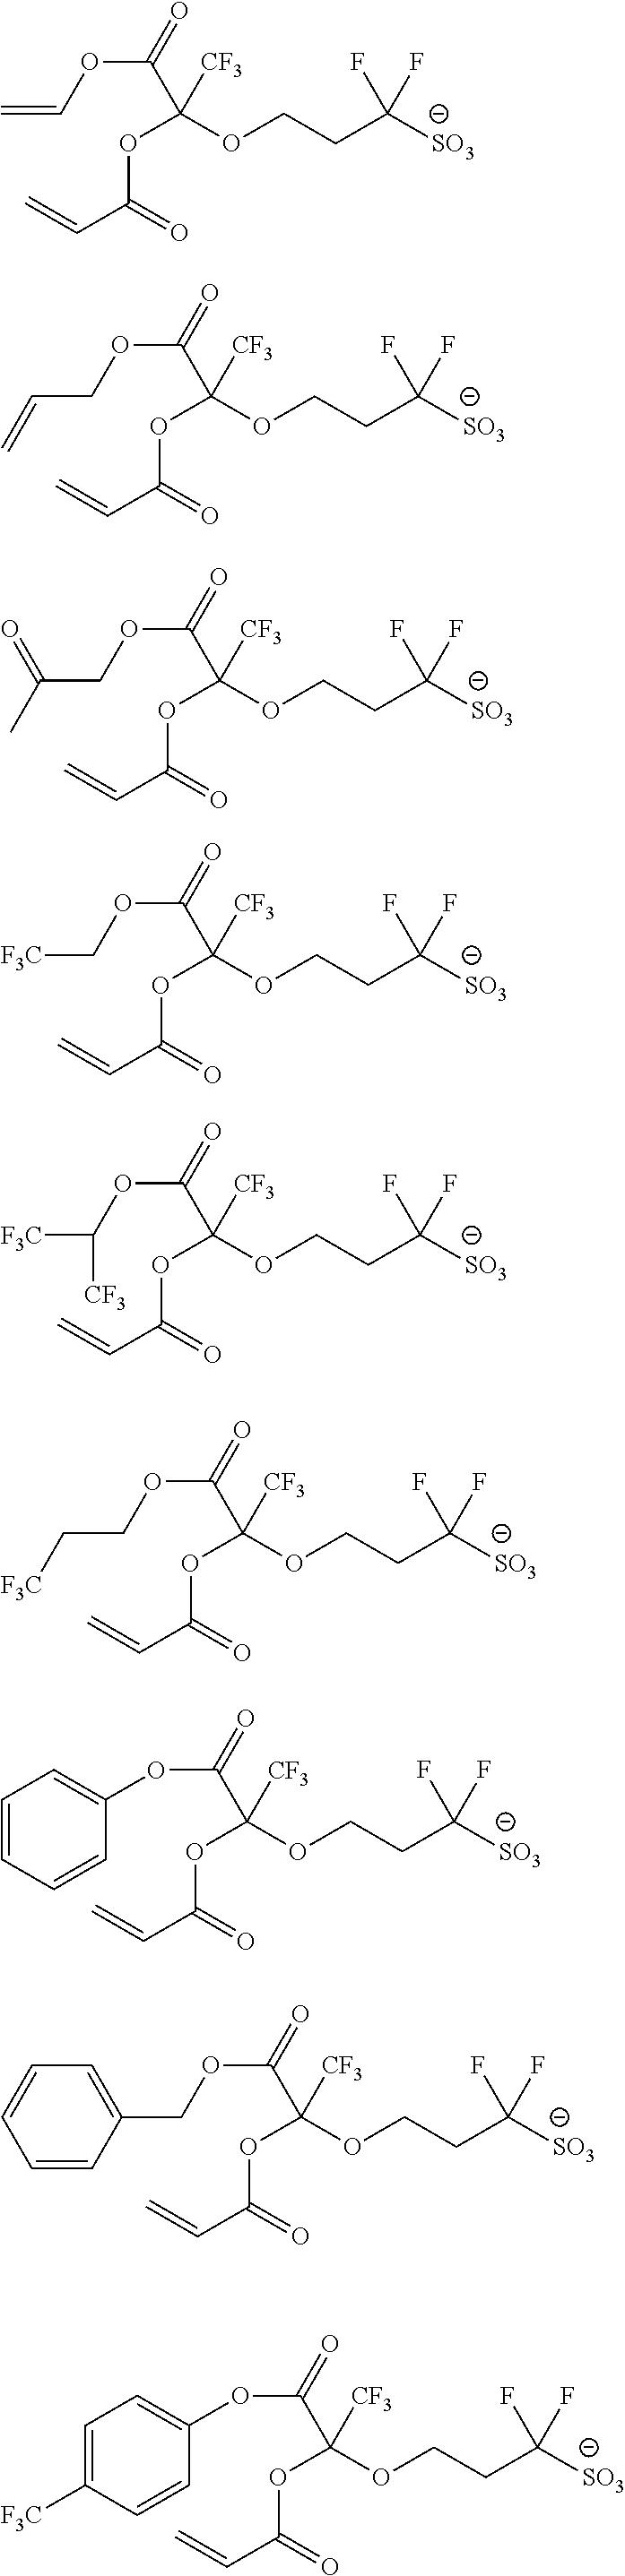 Figure US09182664-20151110-C00054